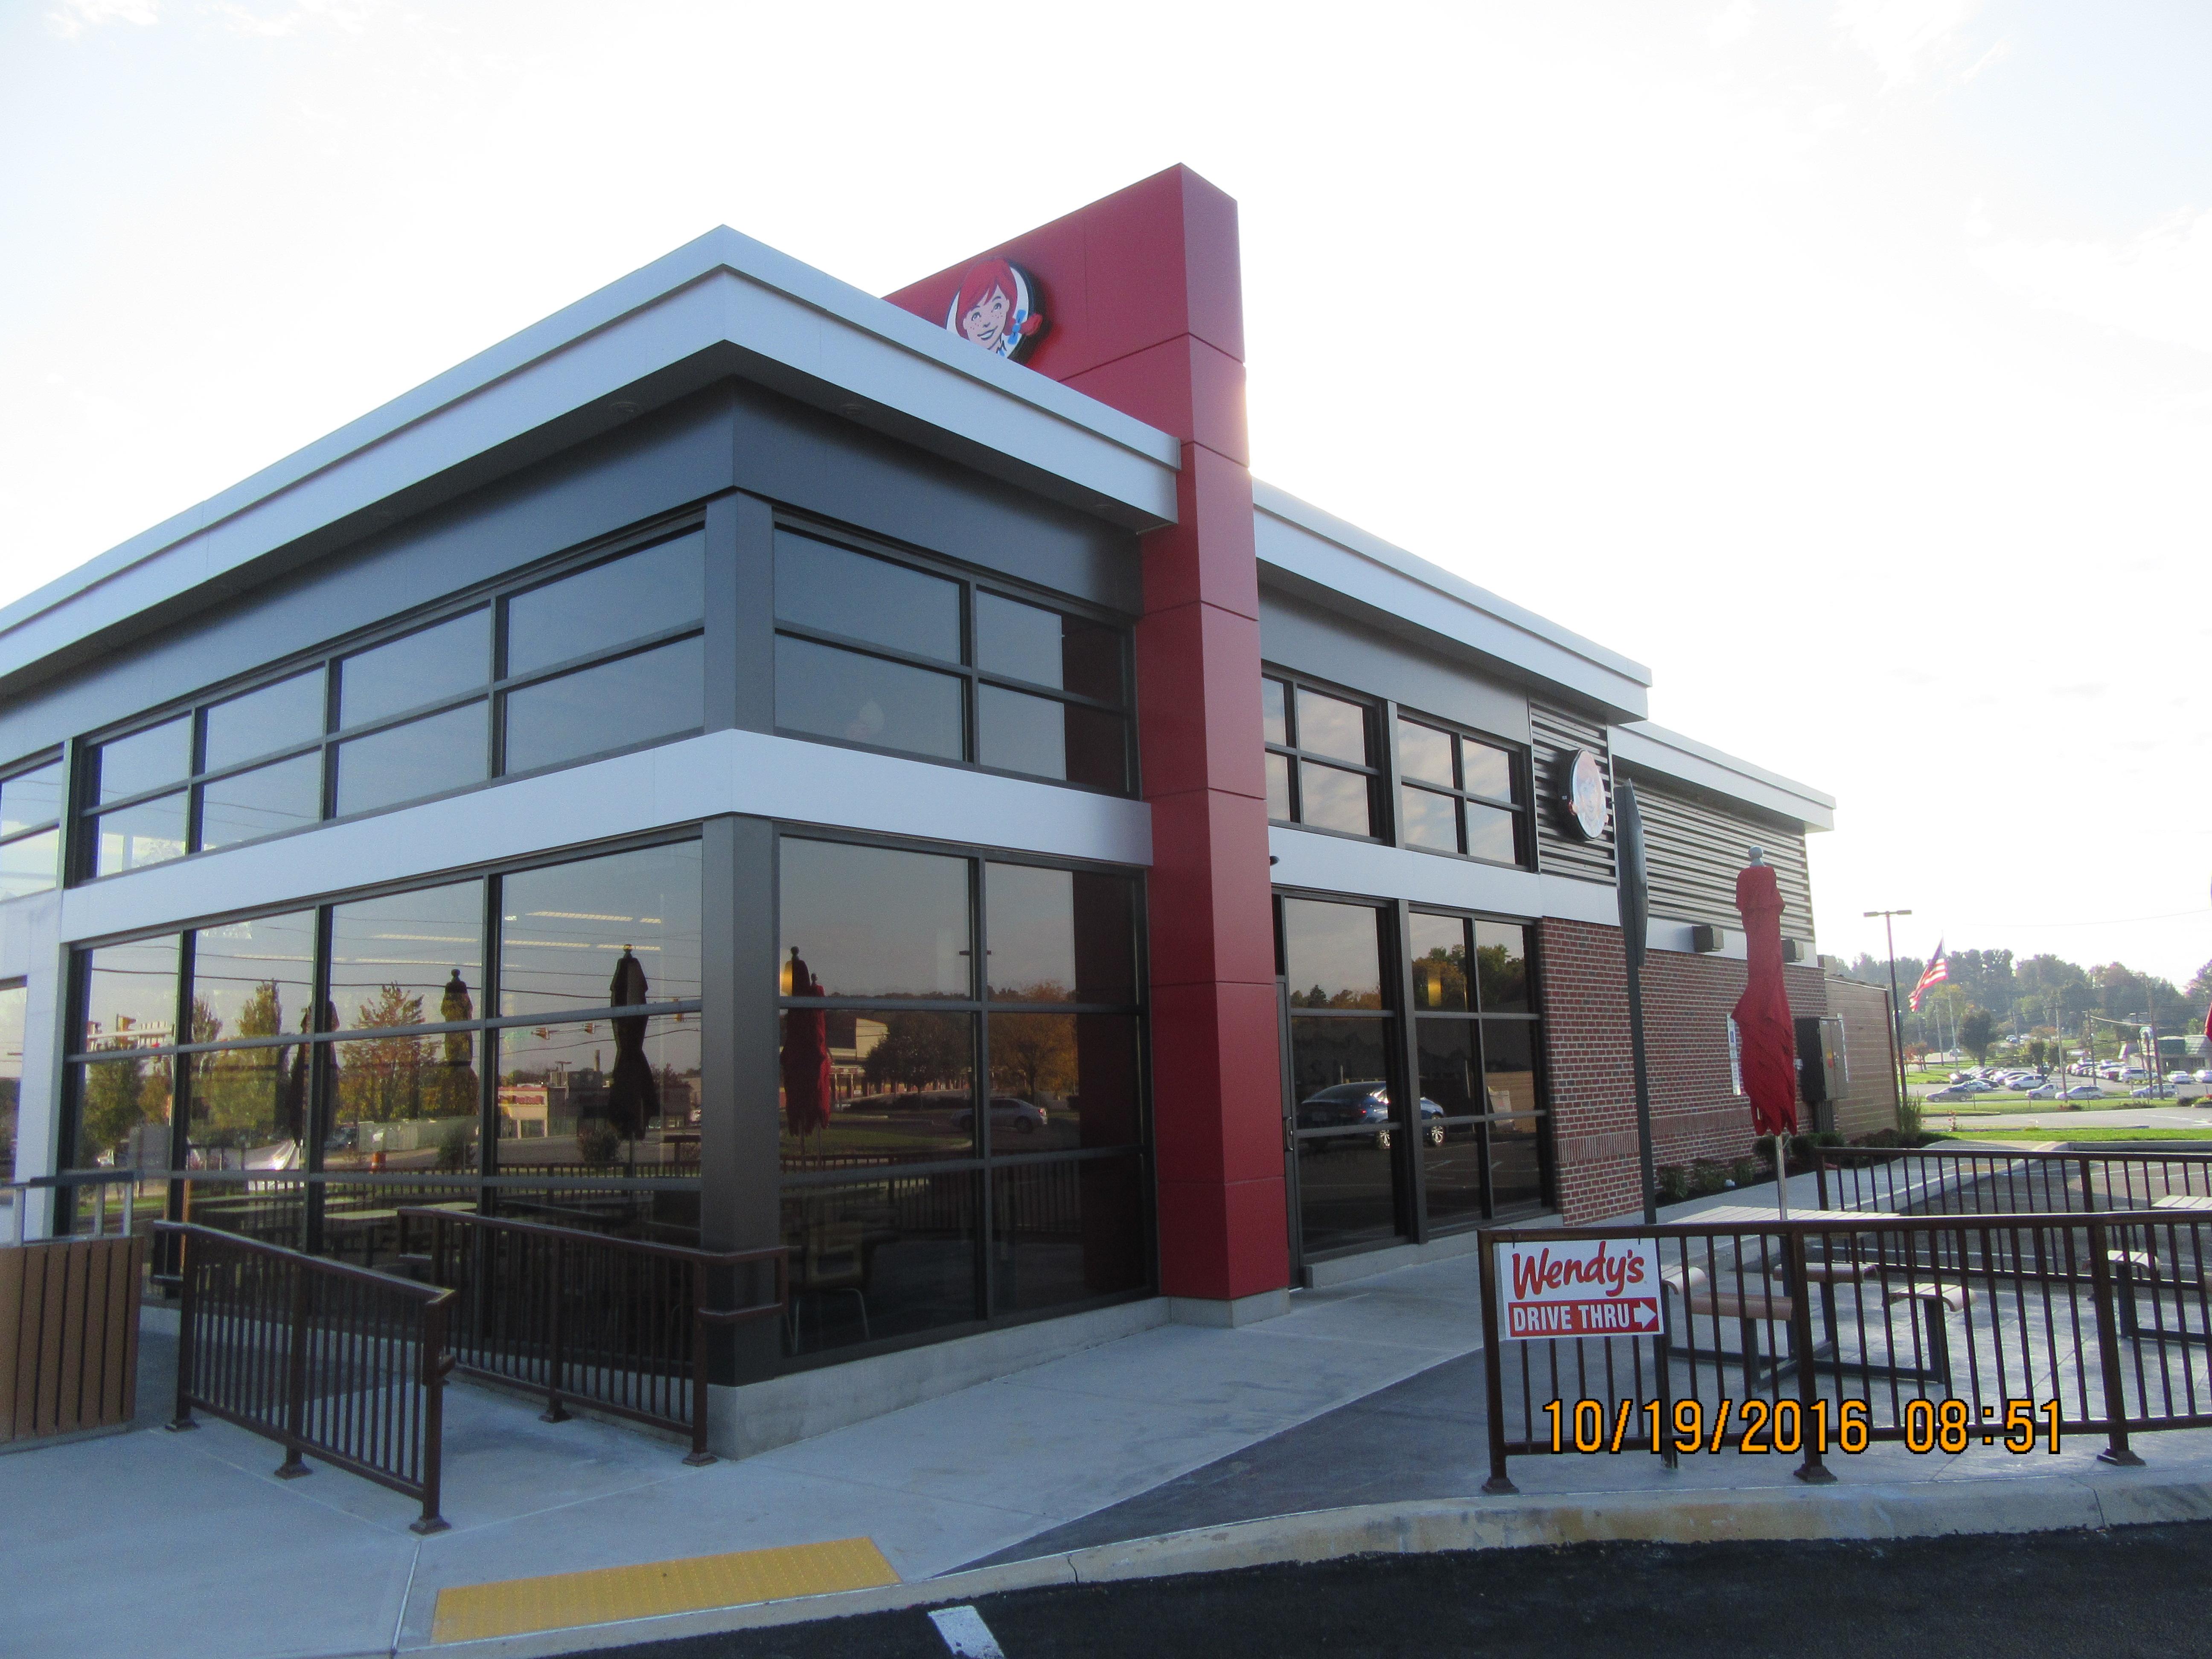 Wendy S Allentown Pa New Build Nre Ve Ccs Image Group